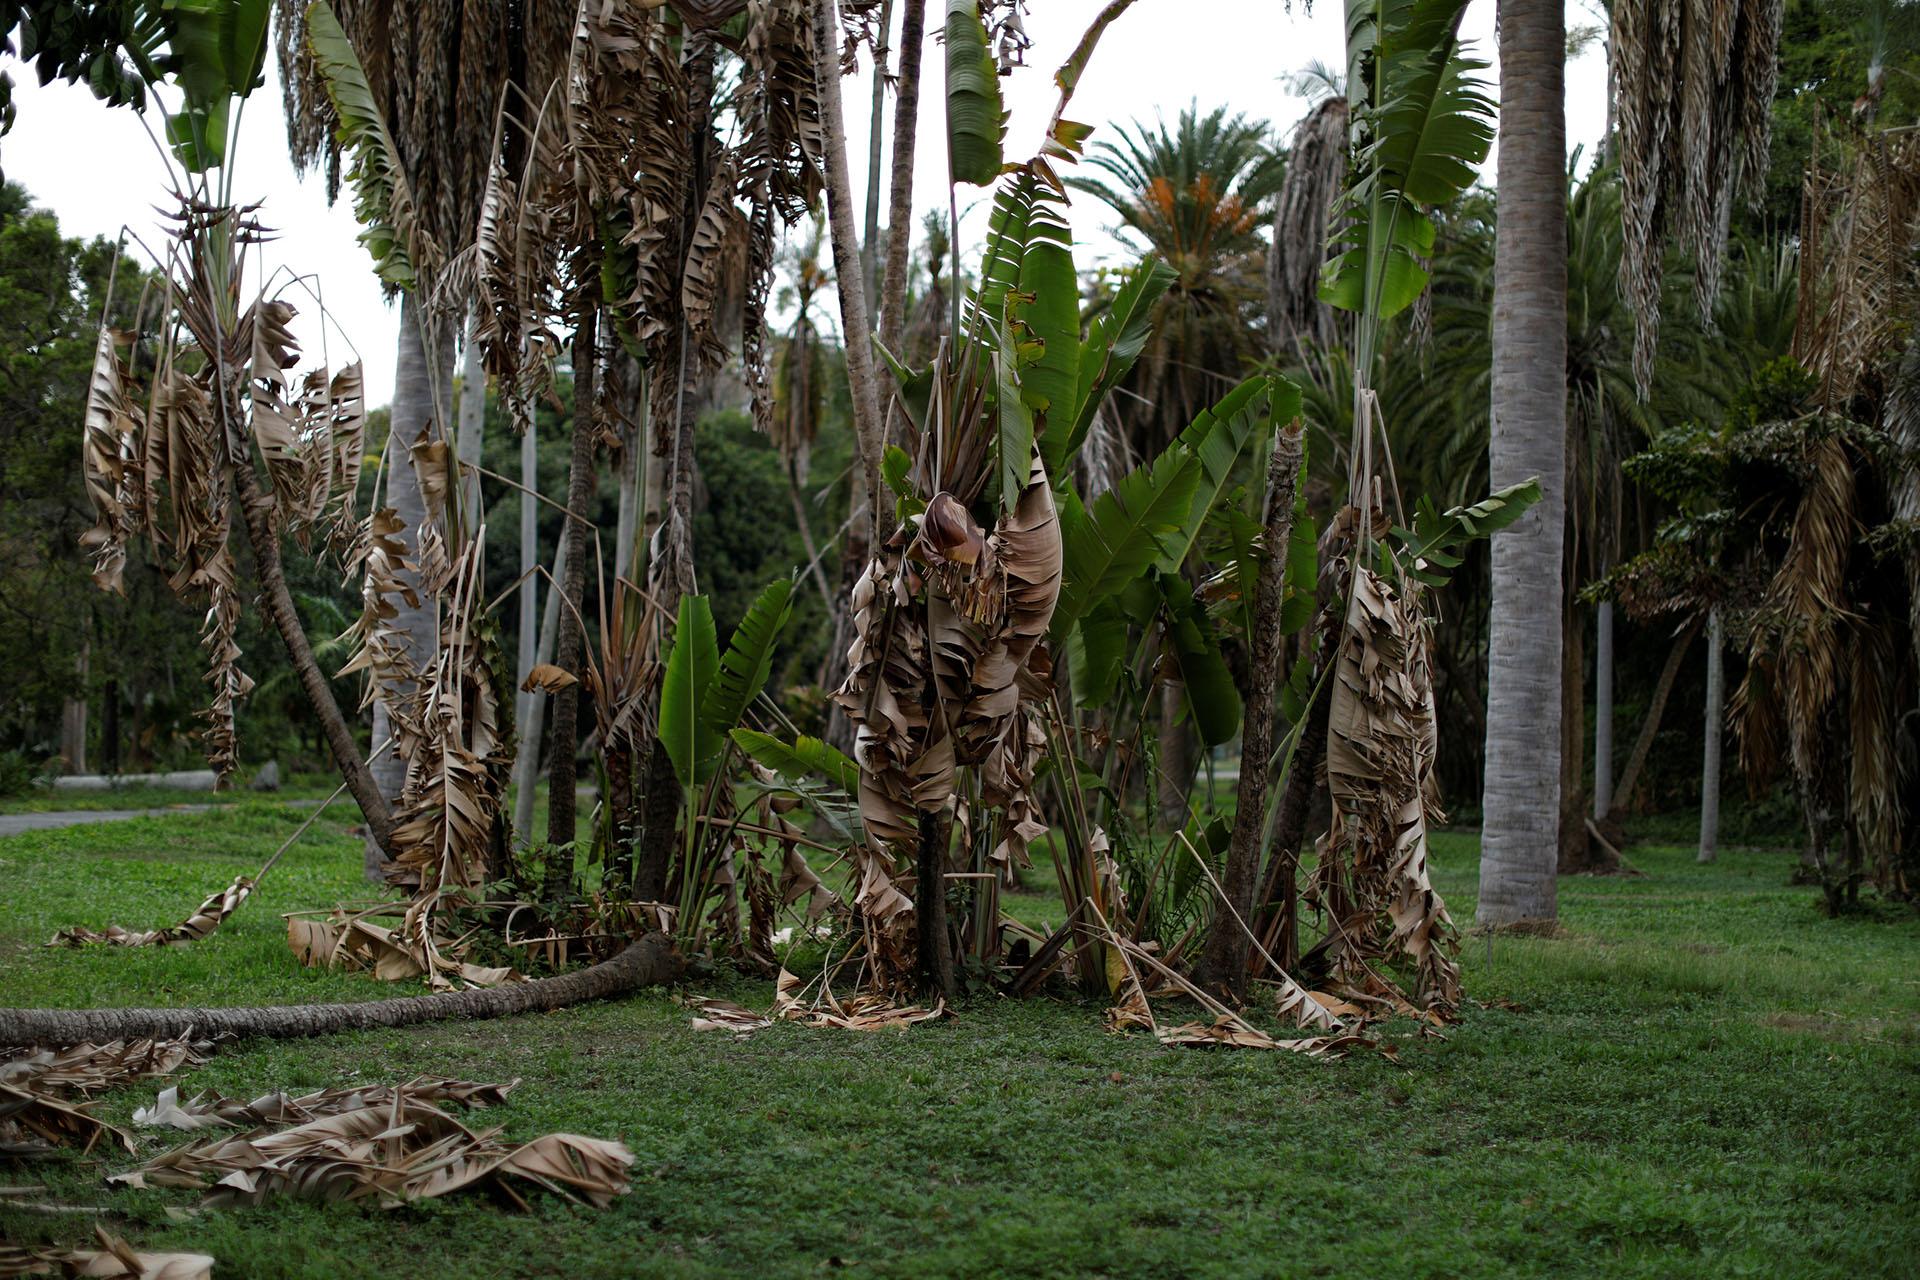 El Jardín, alguna vez visto como un orgullo capitalino, llegó a tener una colección de 300 distintos tipos de palma, por ejemplo, pero en los últimos años ha perdido al menos un centenar, según Mauricio Krivoy, director del parque